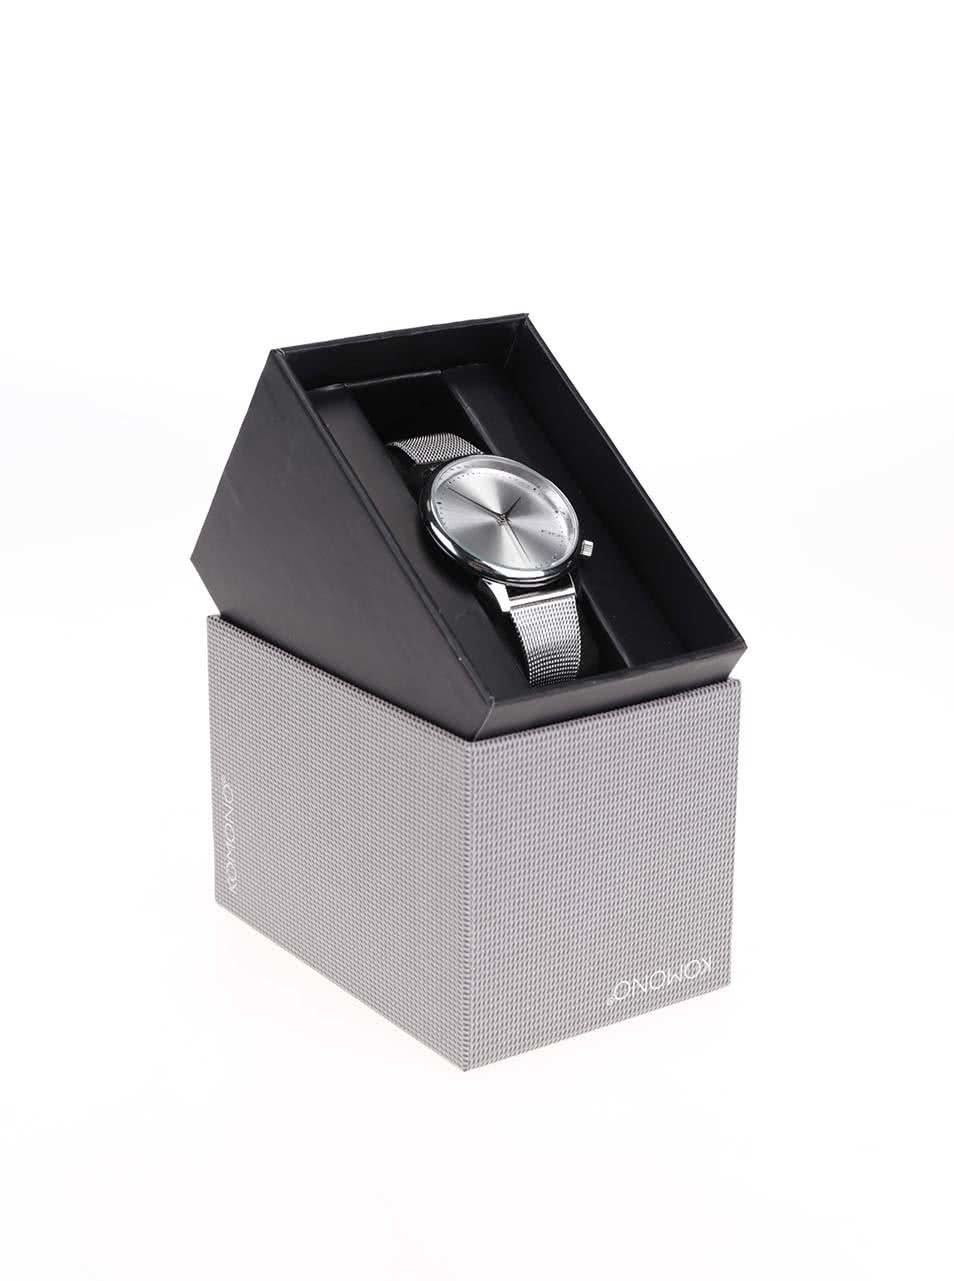 Dámské hodinky ve stříbrné barvě s kovovým páskem Komono Estelle Royale ... afdd099fa8